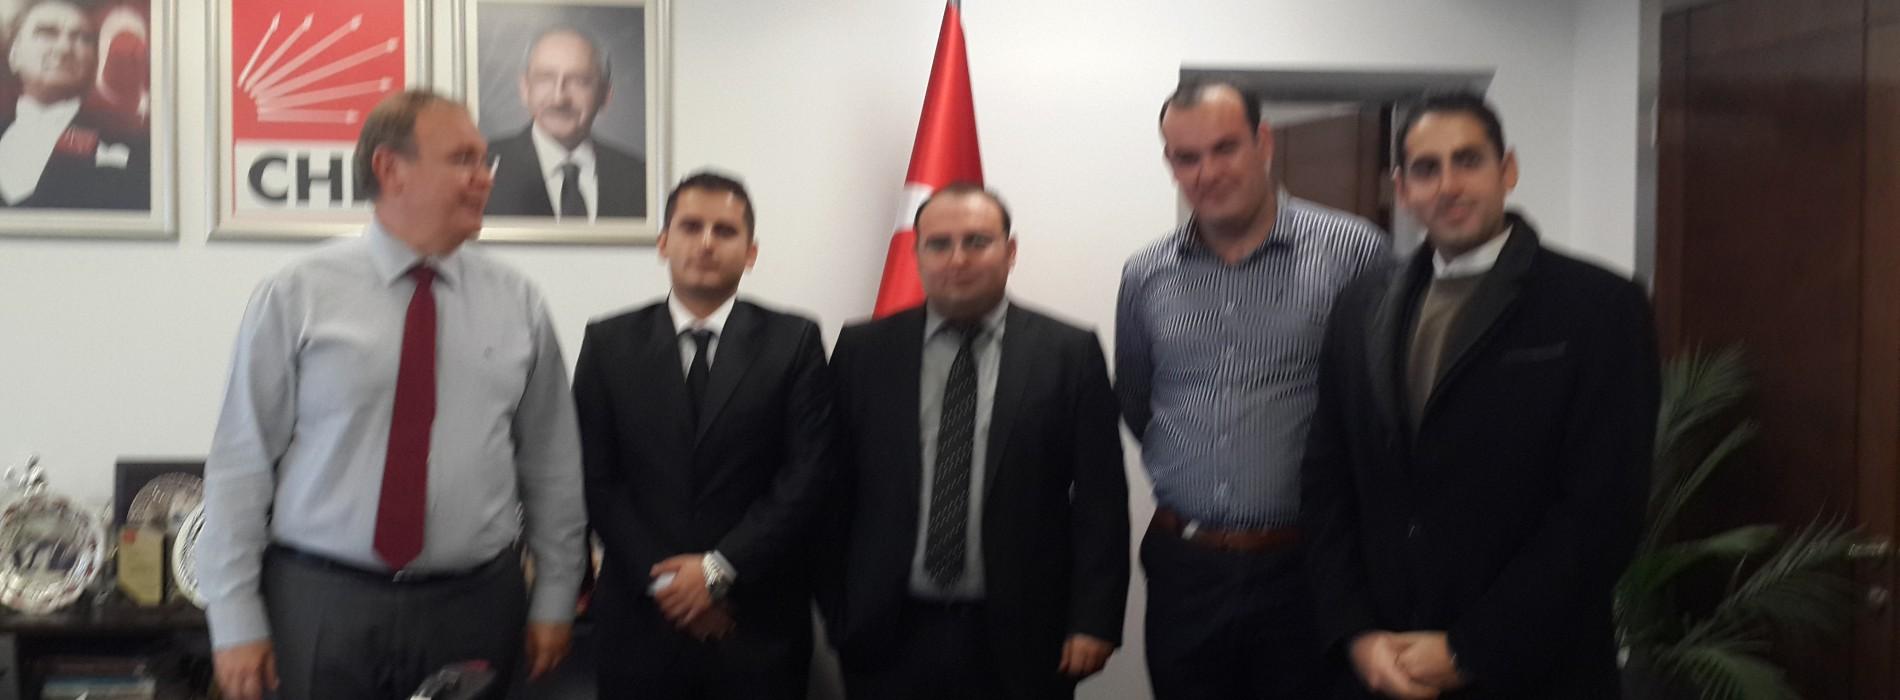 Ekonomistler Platformu; CHP Genel Başkan Yardımcısı Faik Öztrak'ı makamında ziyaret etti.